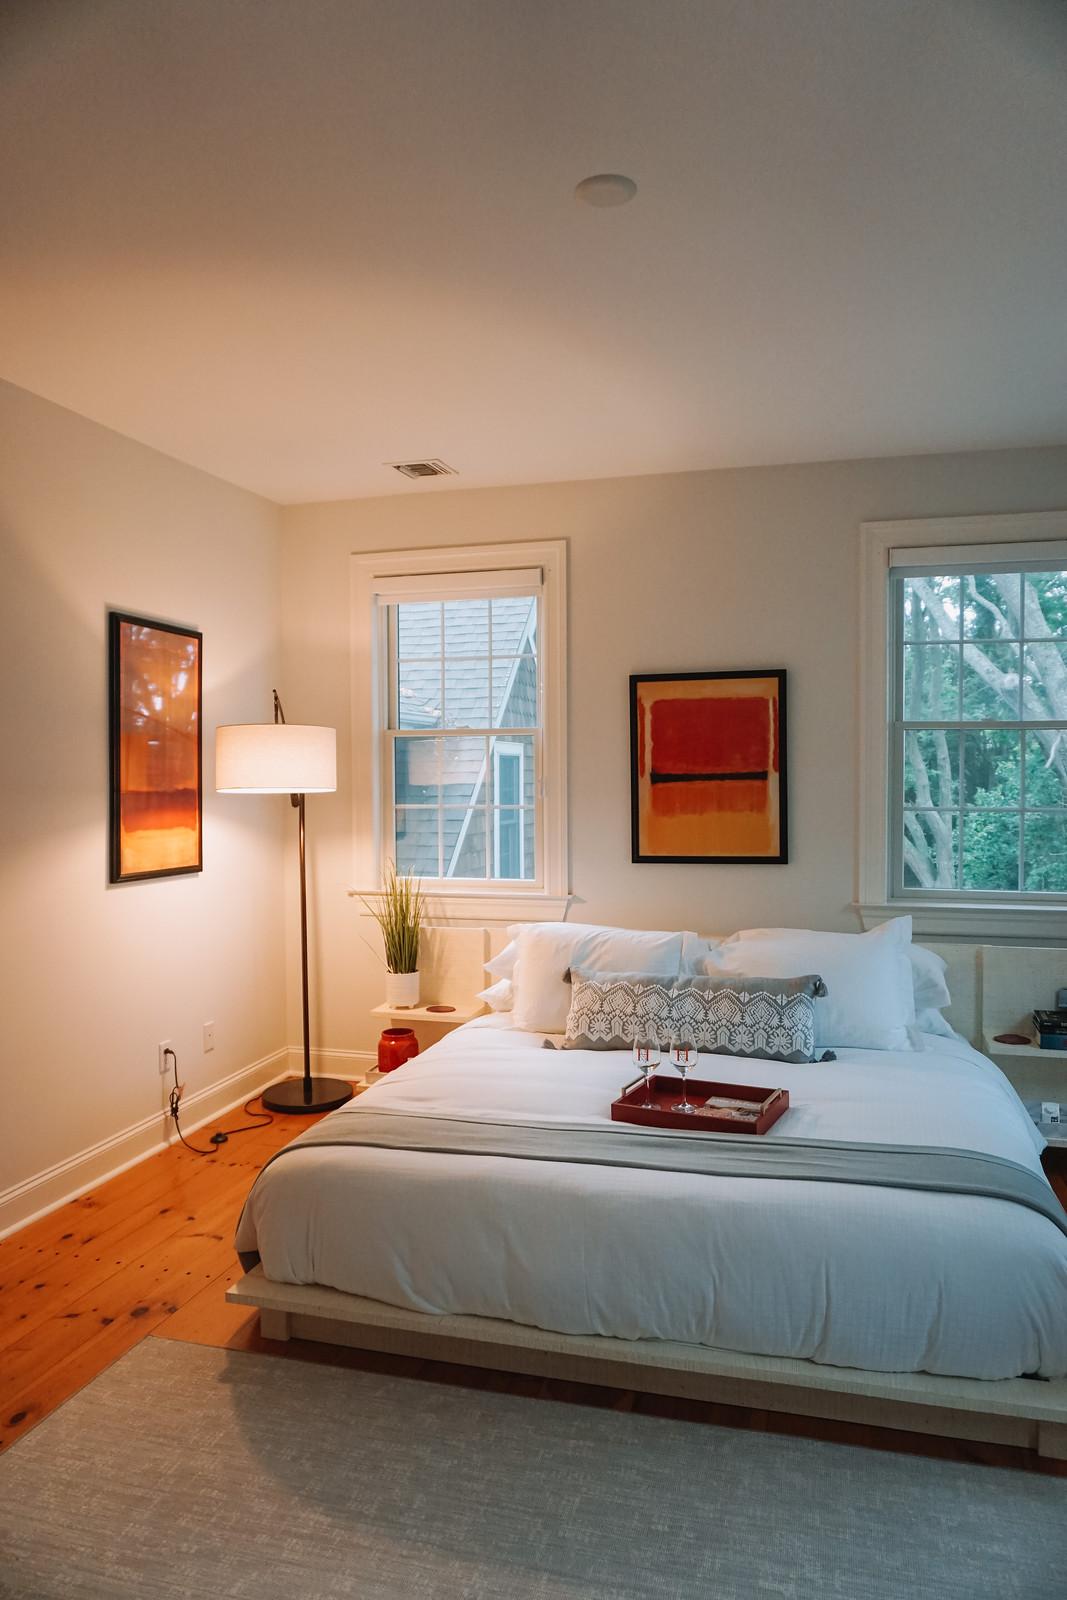 The Harvest Inn Bed & Breakfast Room